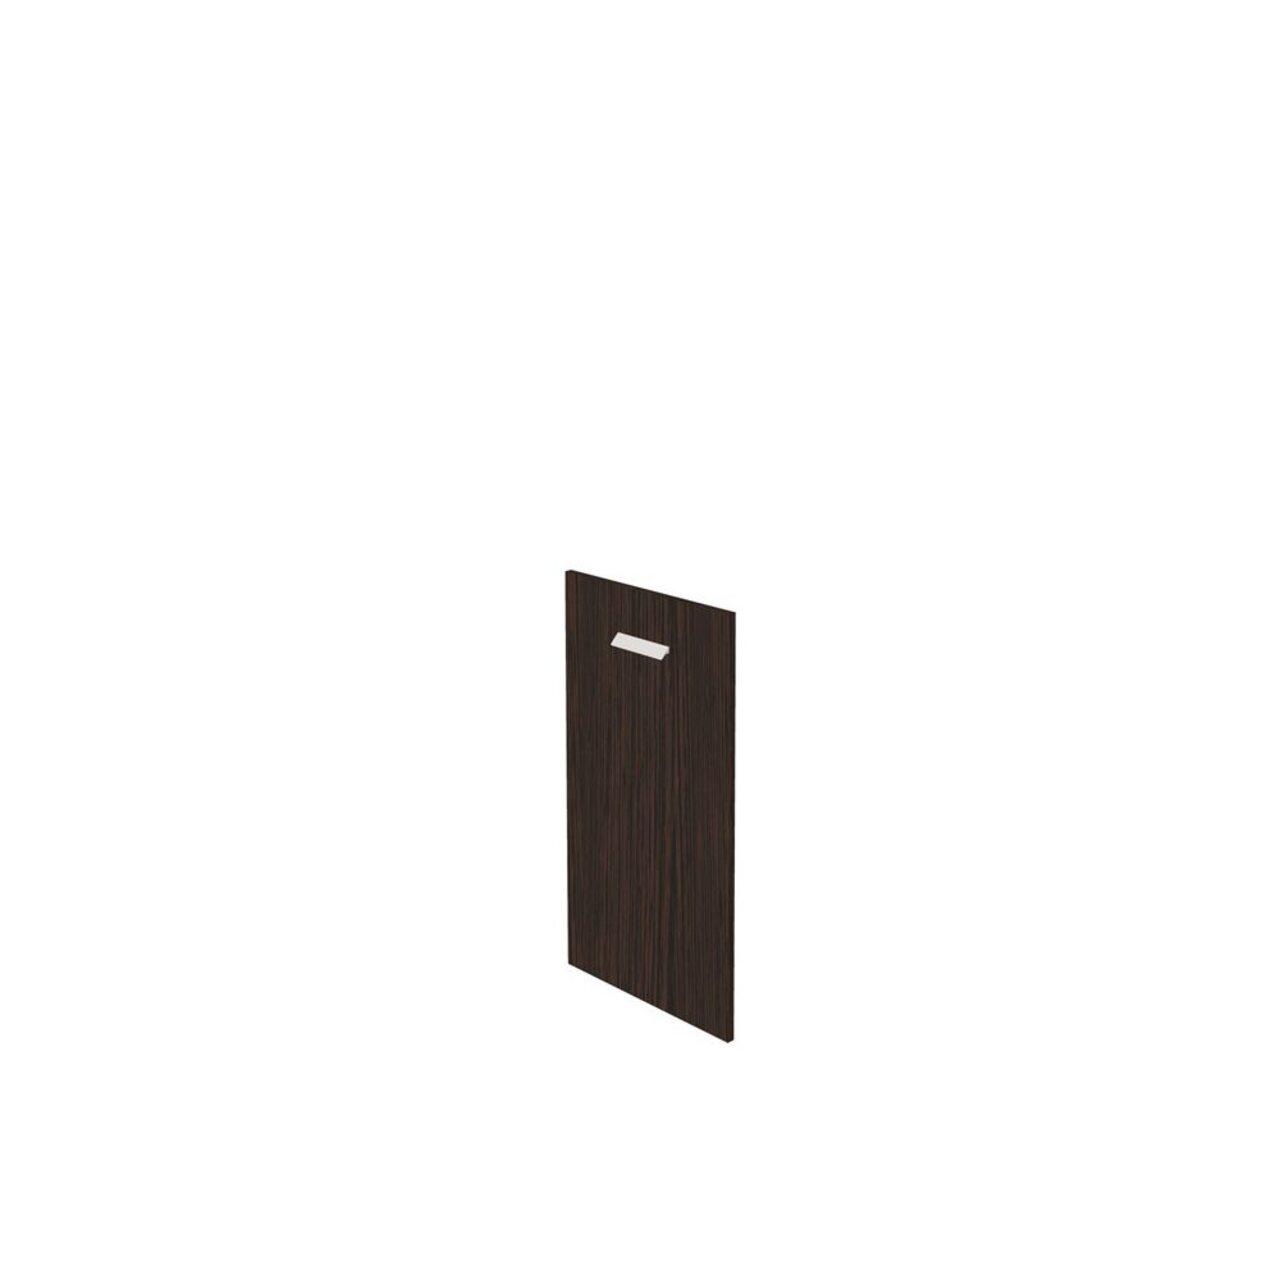 Двери глухие  Бонд 44x2x80 - фото 1